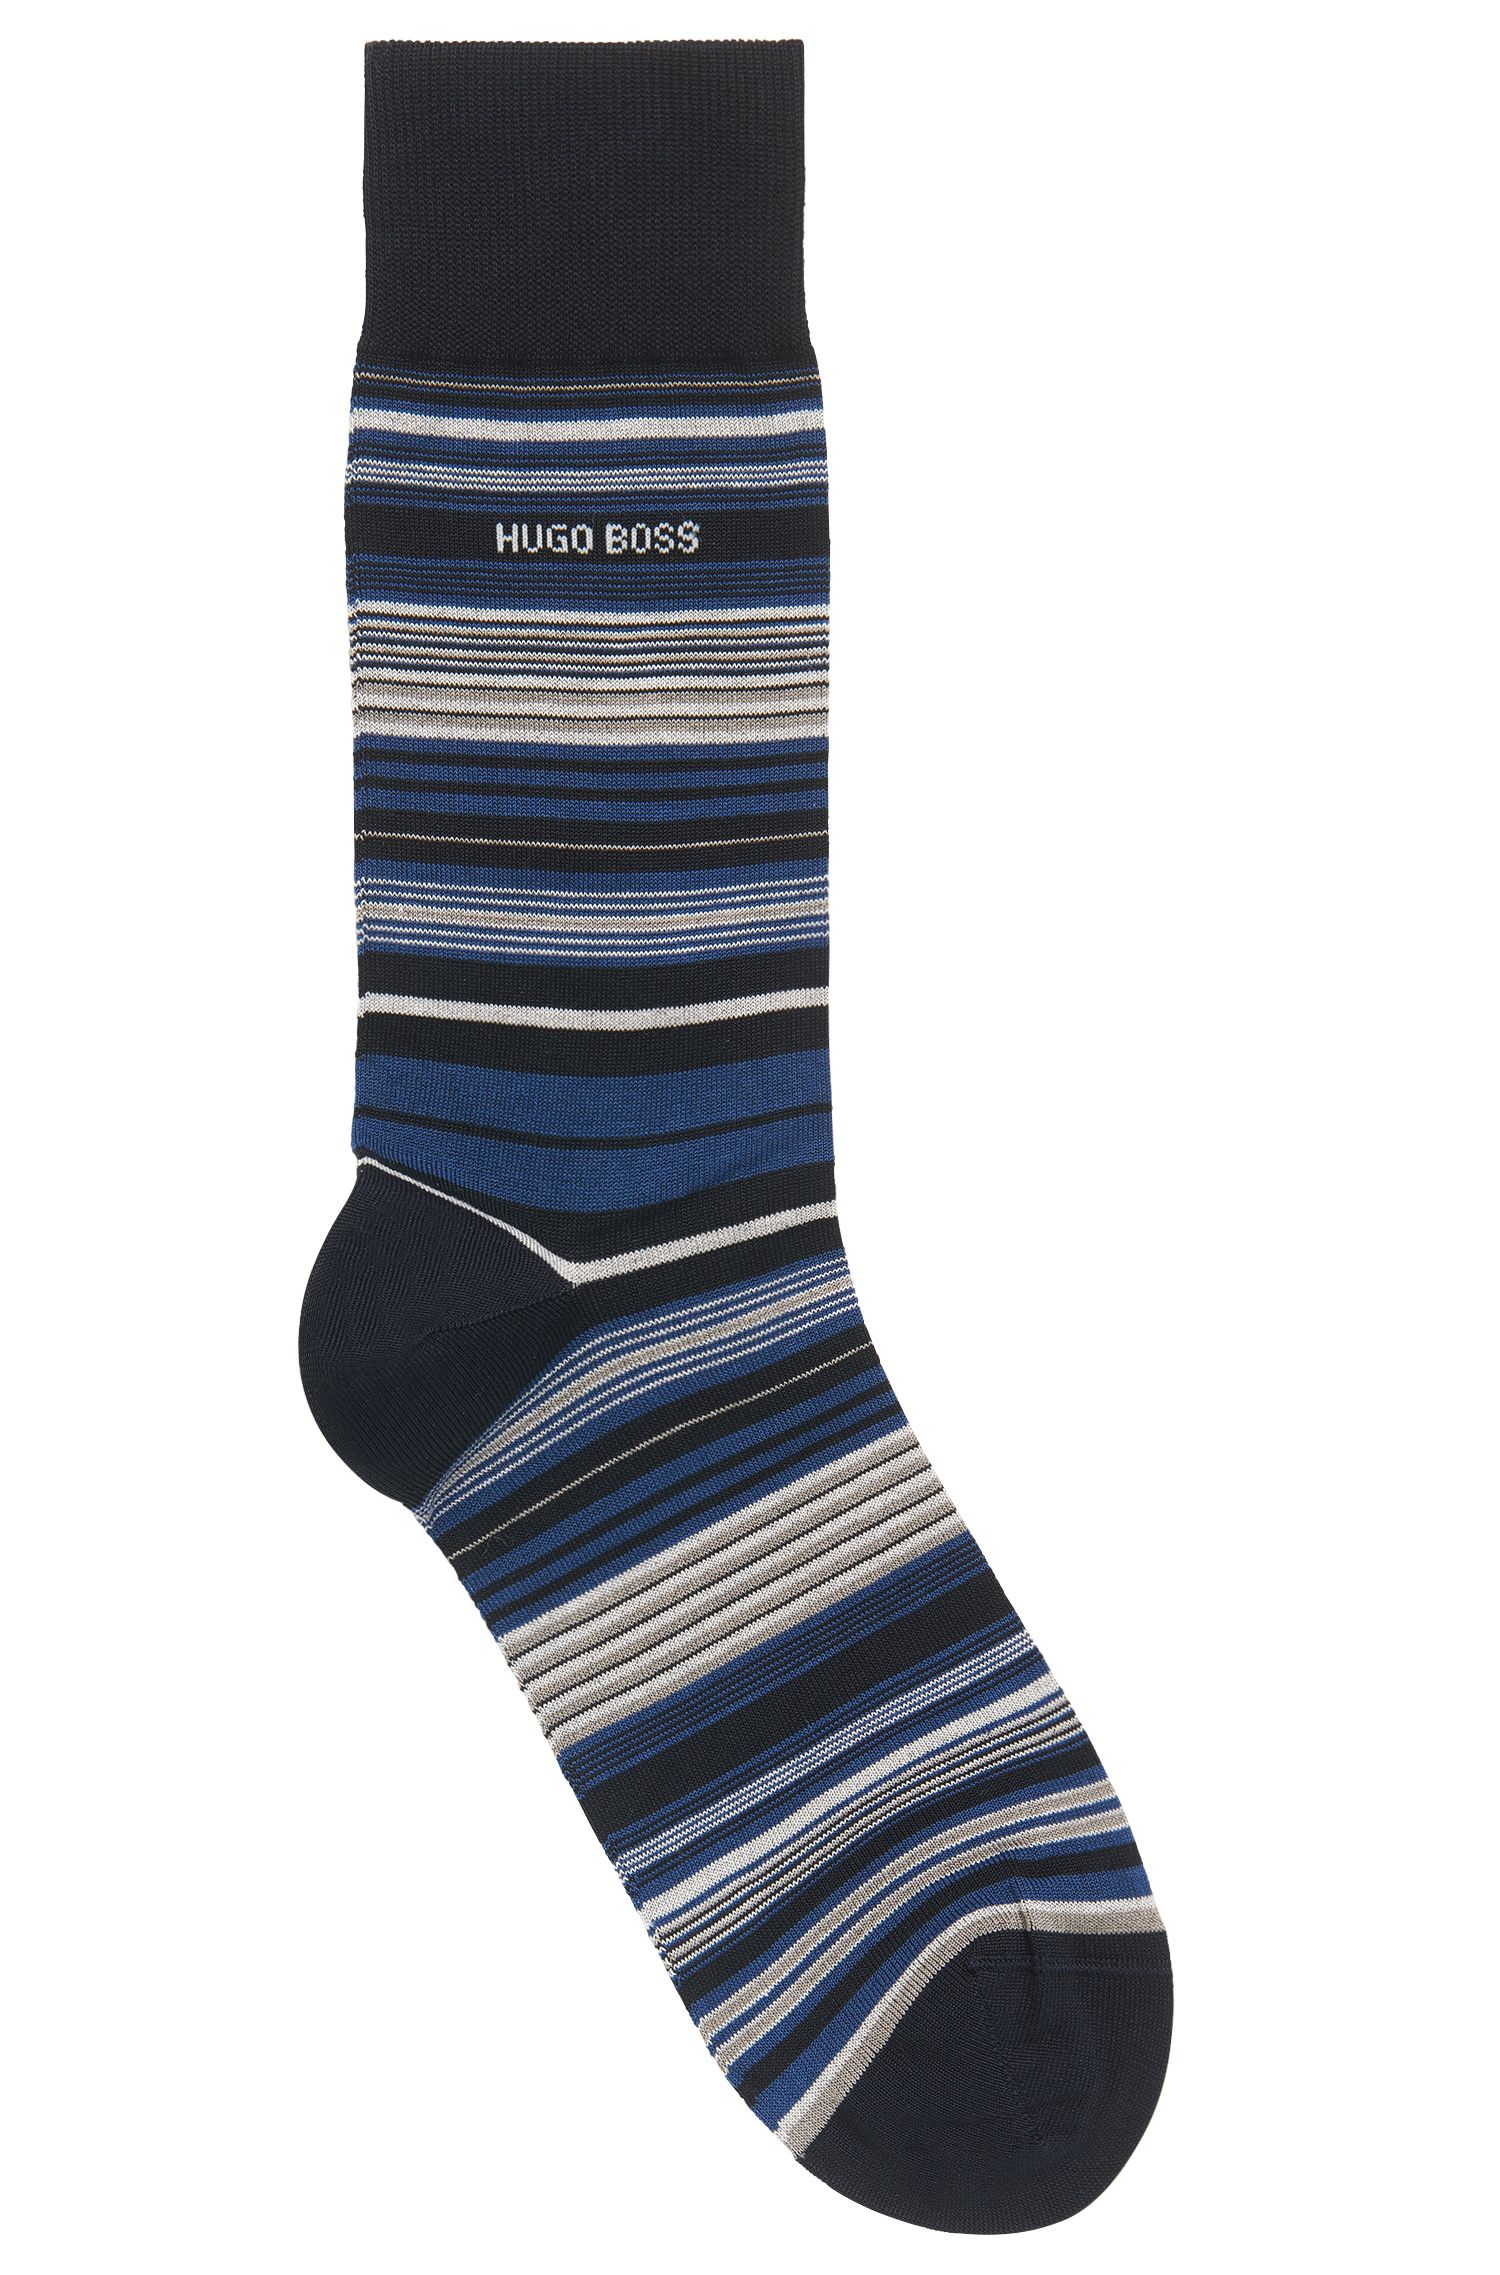 Horizontaal gestreepte sokken van een gemerceriseerde katoenmix